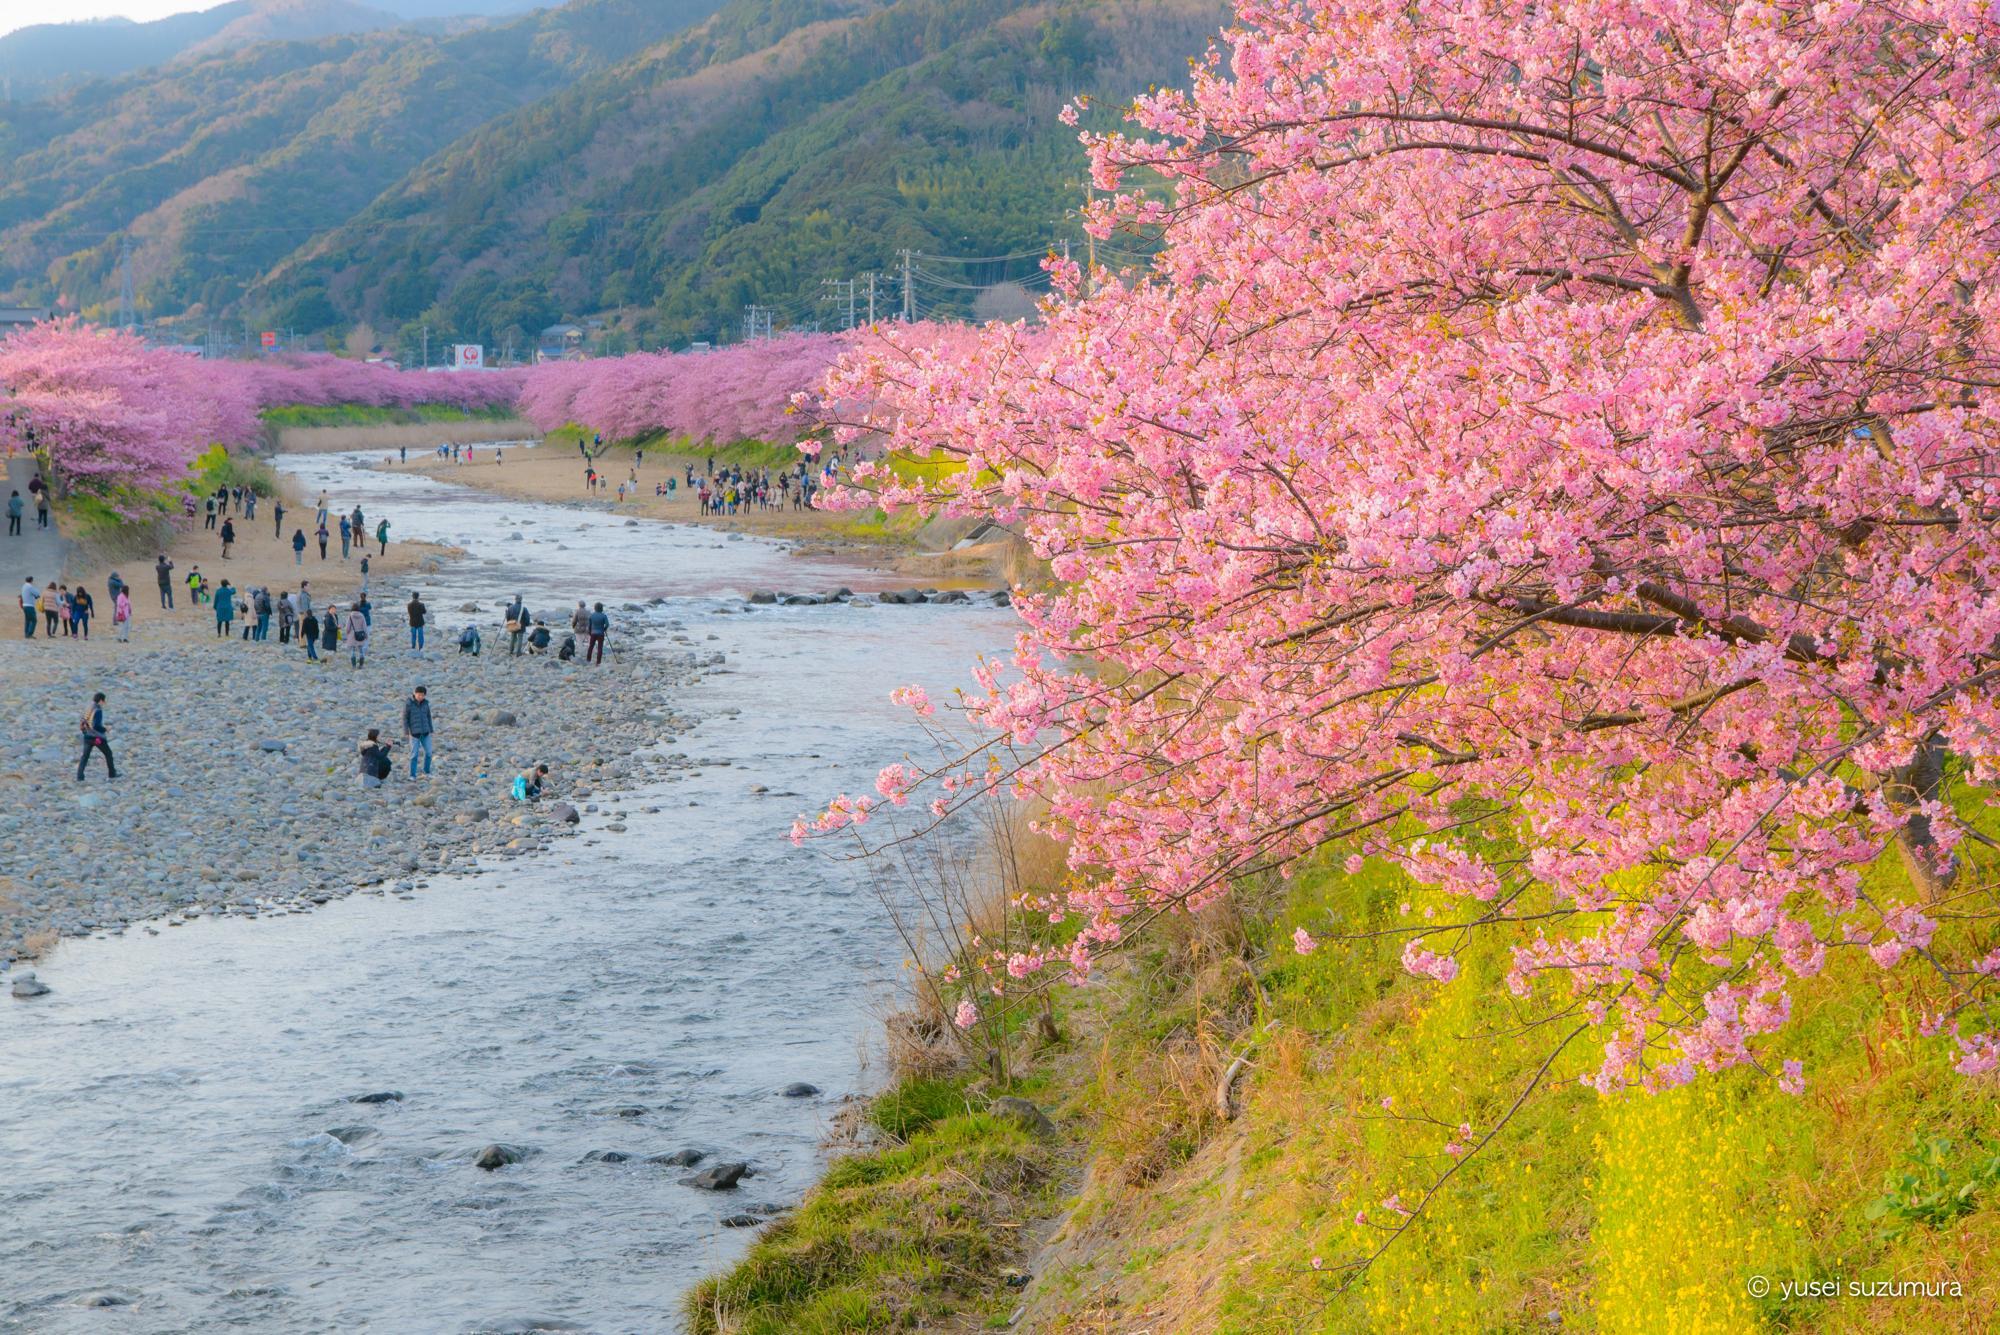 一足早くお花見!伊豆河津桜まつりに行ってきた。